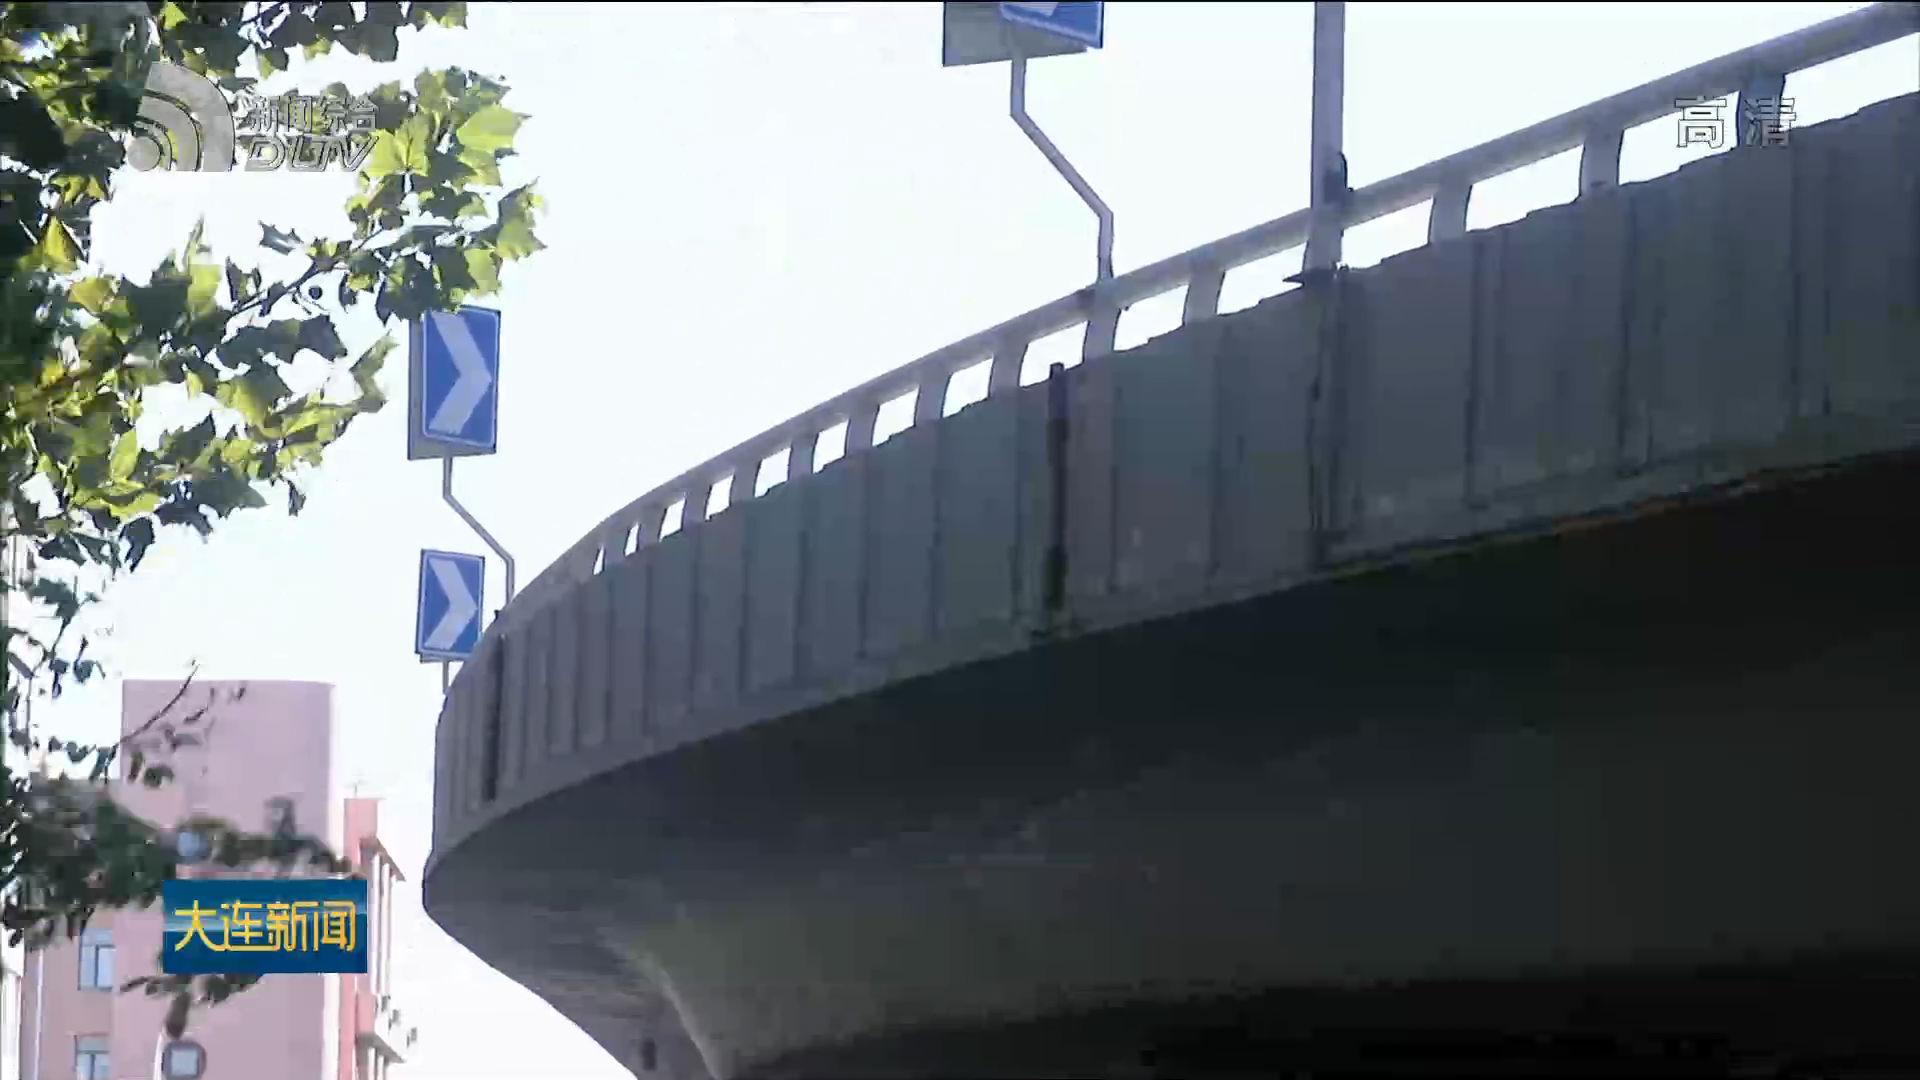 解放广场桥15号起将封闭维修40天